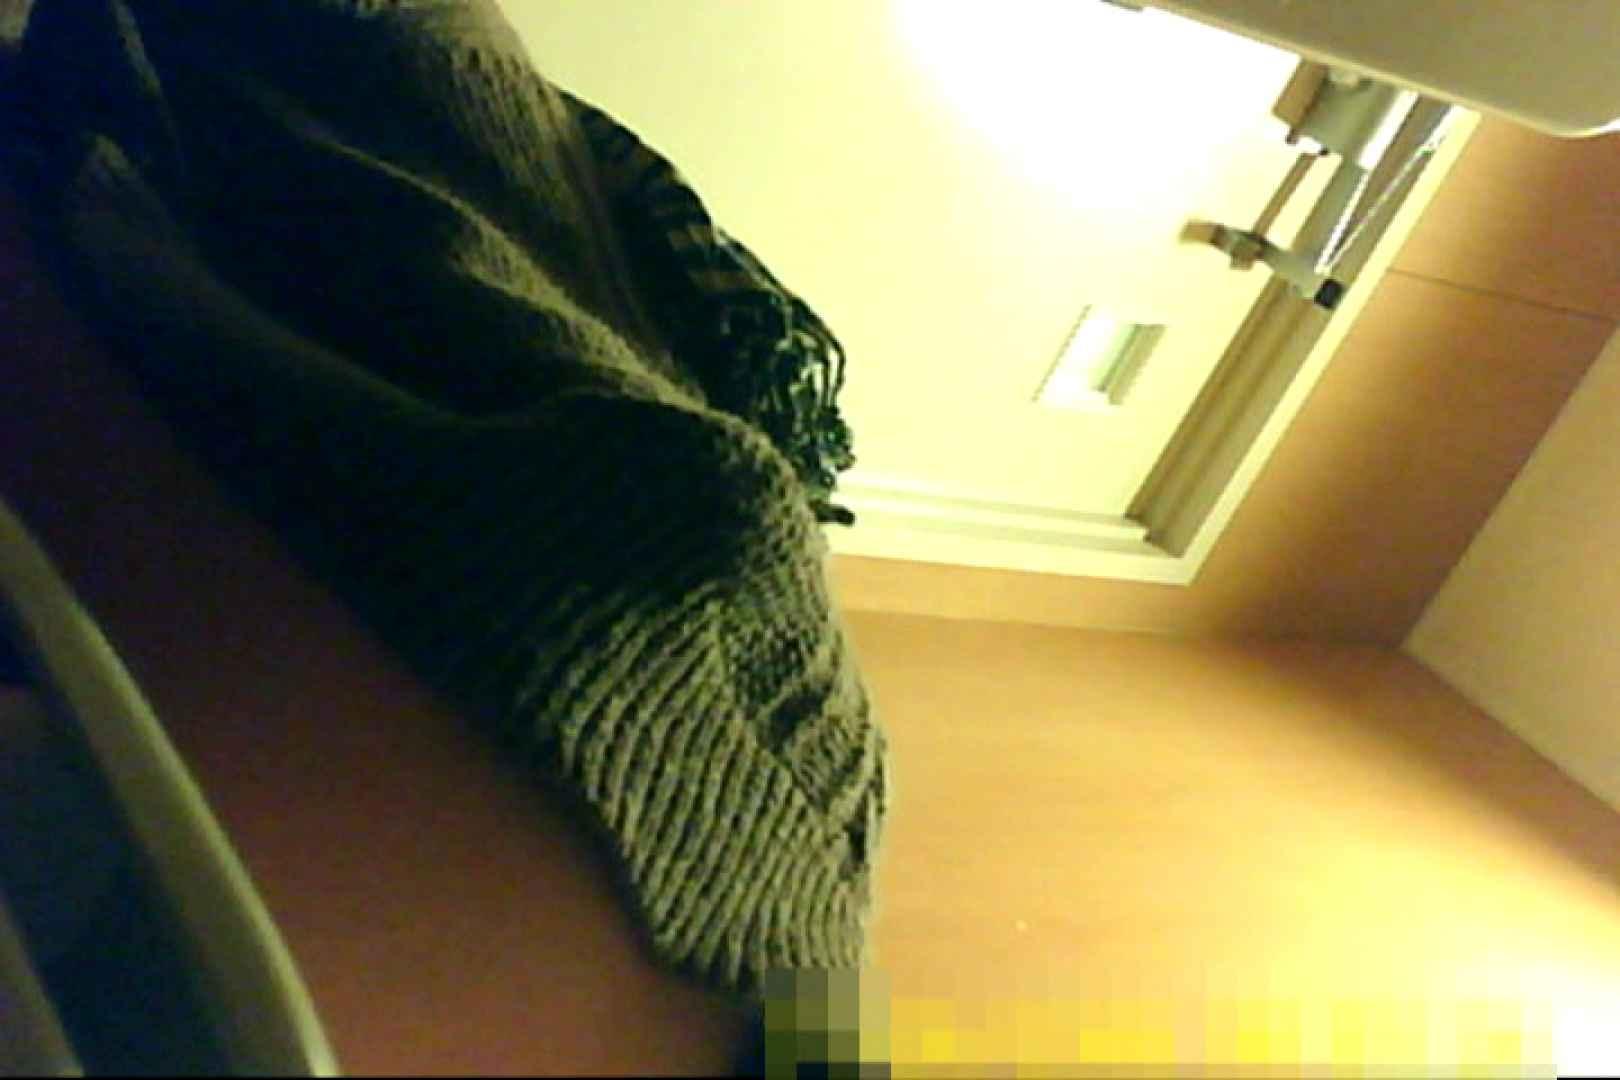 魅惑の化粧室~禁断のプライベート空間~21 お尻 AV無料動画キャプチャ 84pic 59